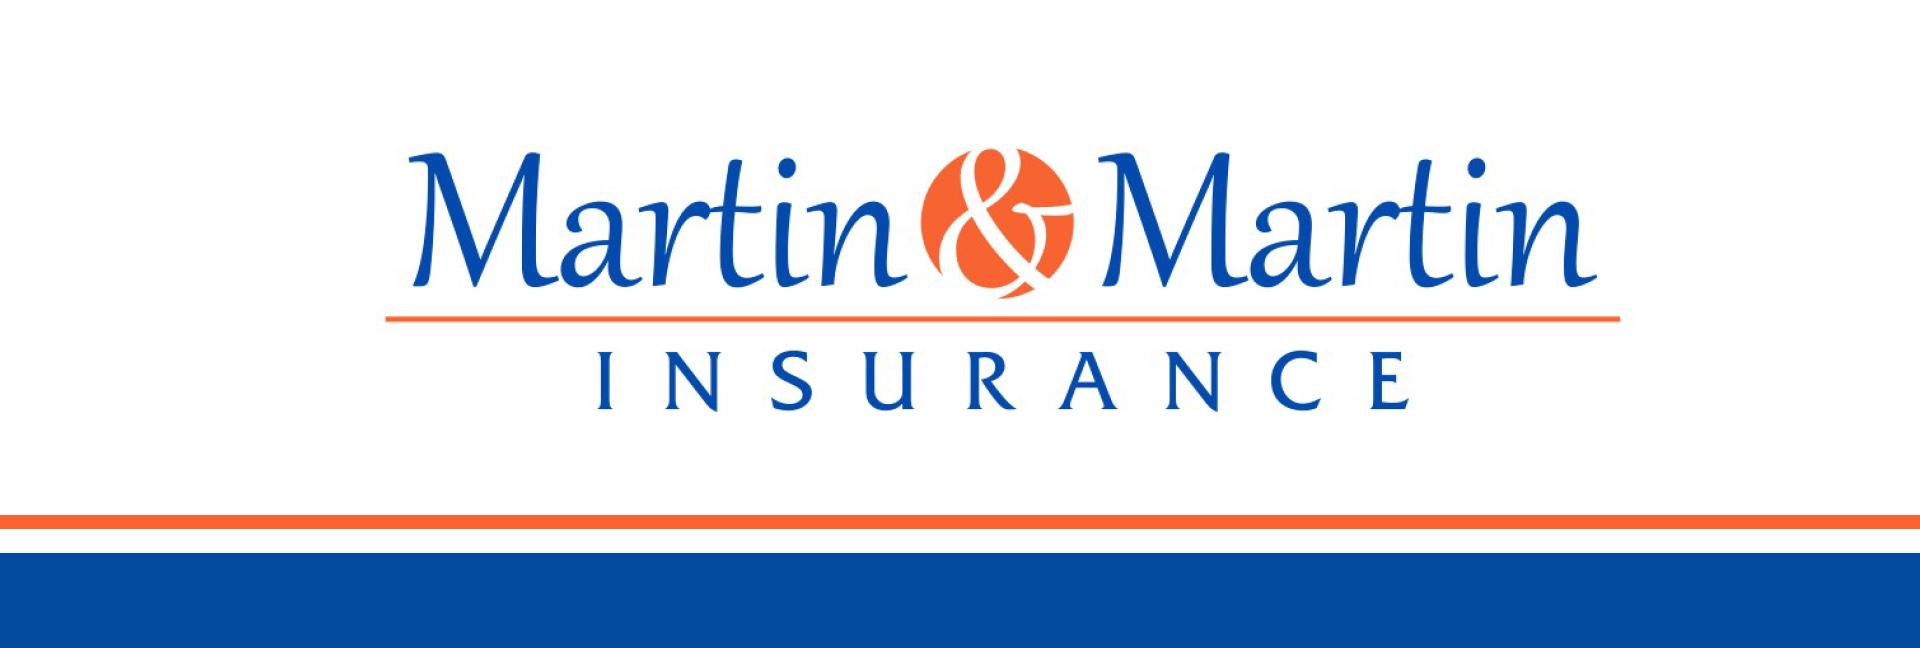 Martin & Martin Insurance